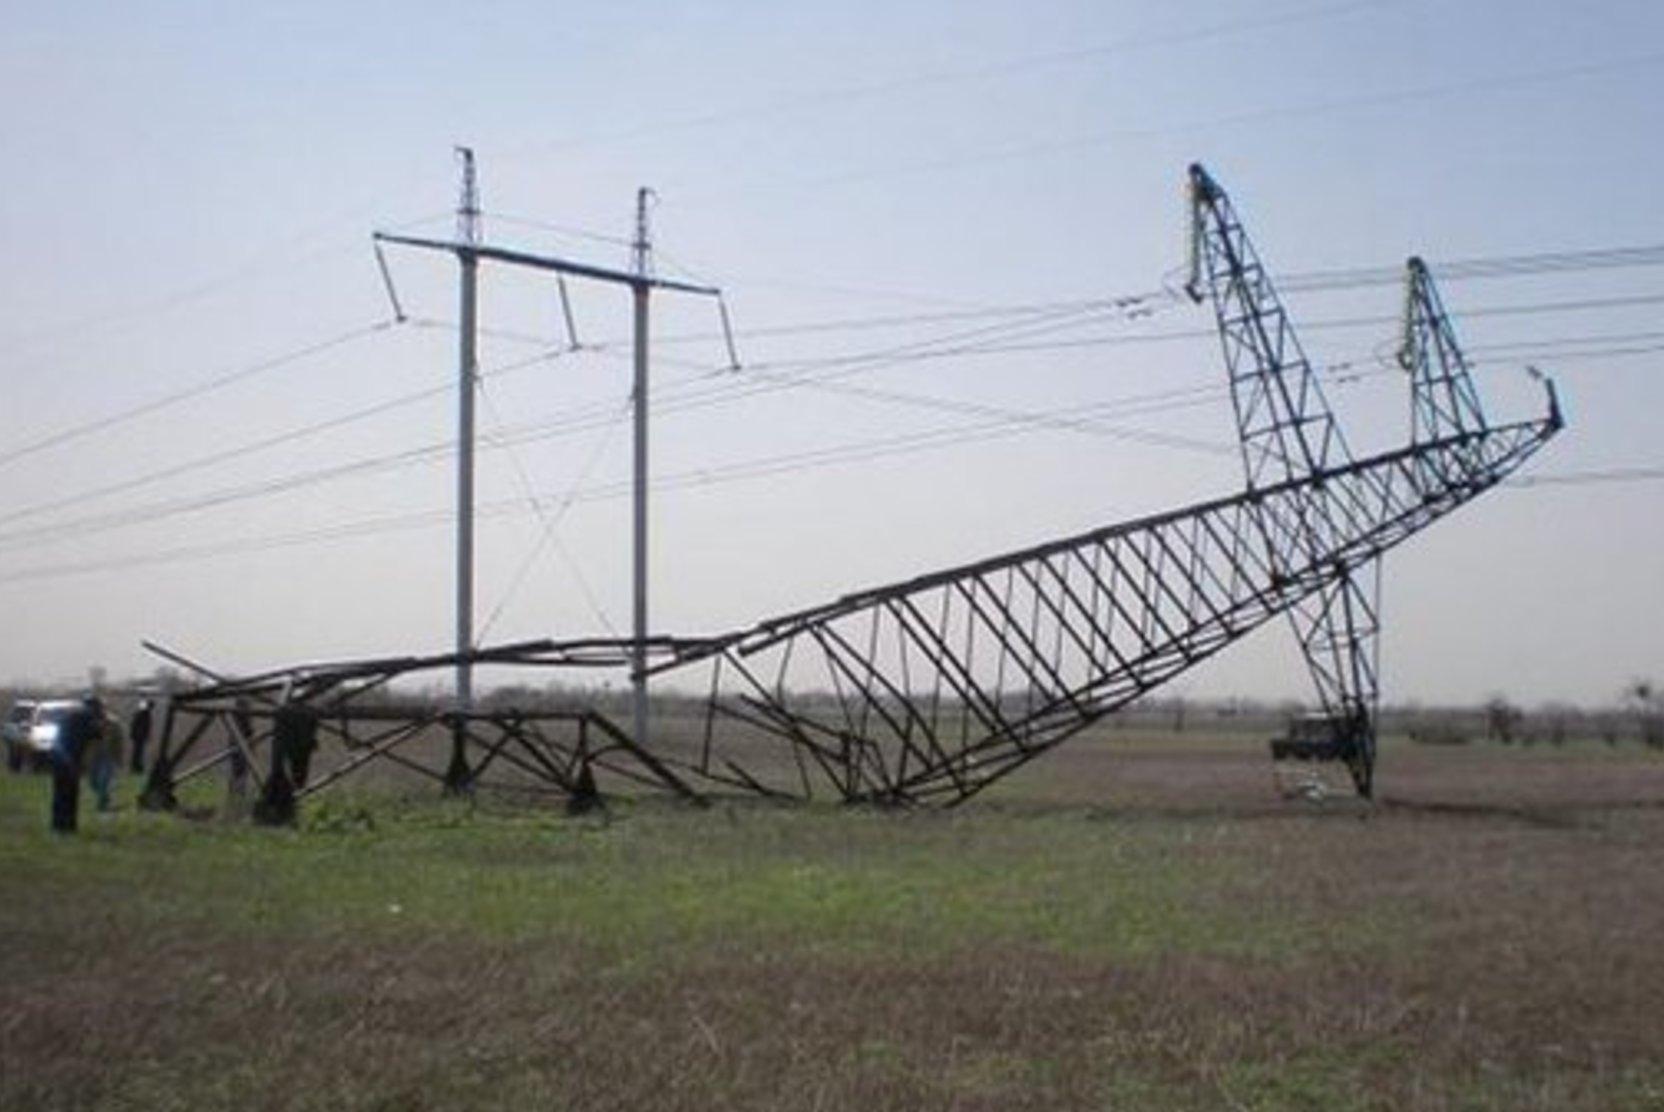 Экономист объяснил «запредельно» дорогую электроэнергию в РФ по сравнению с США